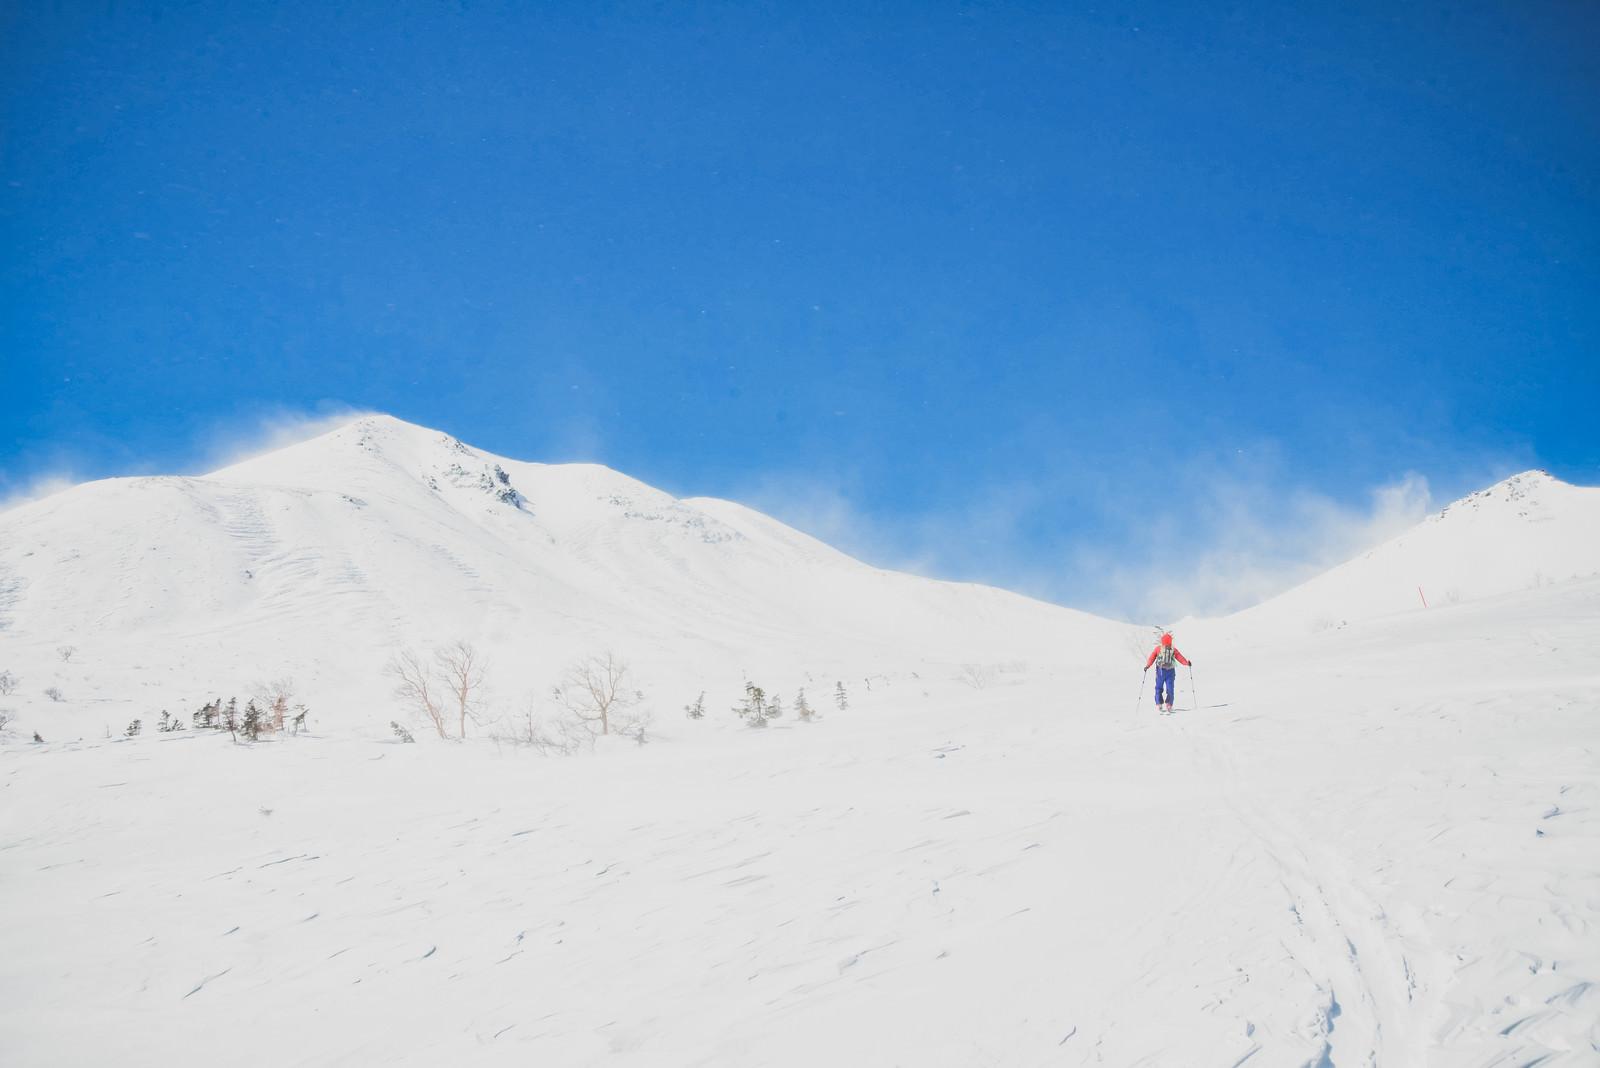 「広大な冬の乗鞍高原と登山者(北アルプス)」の写真